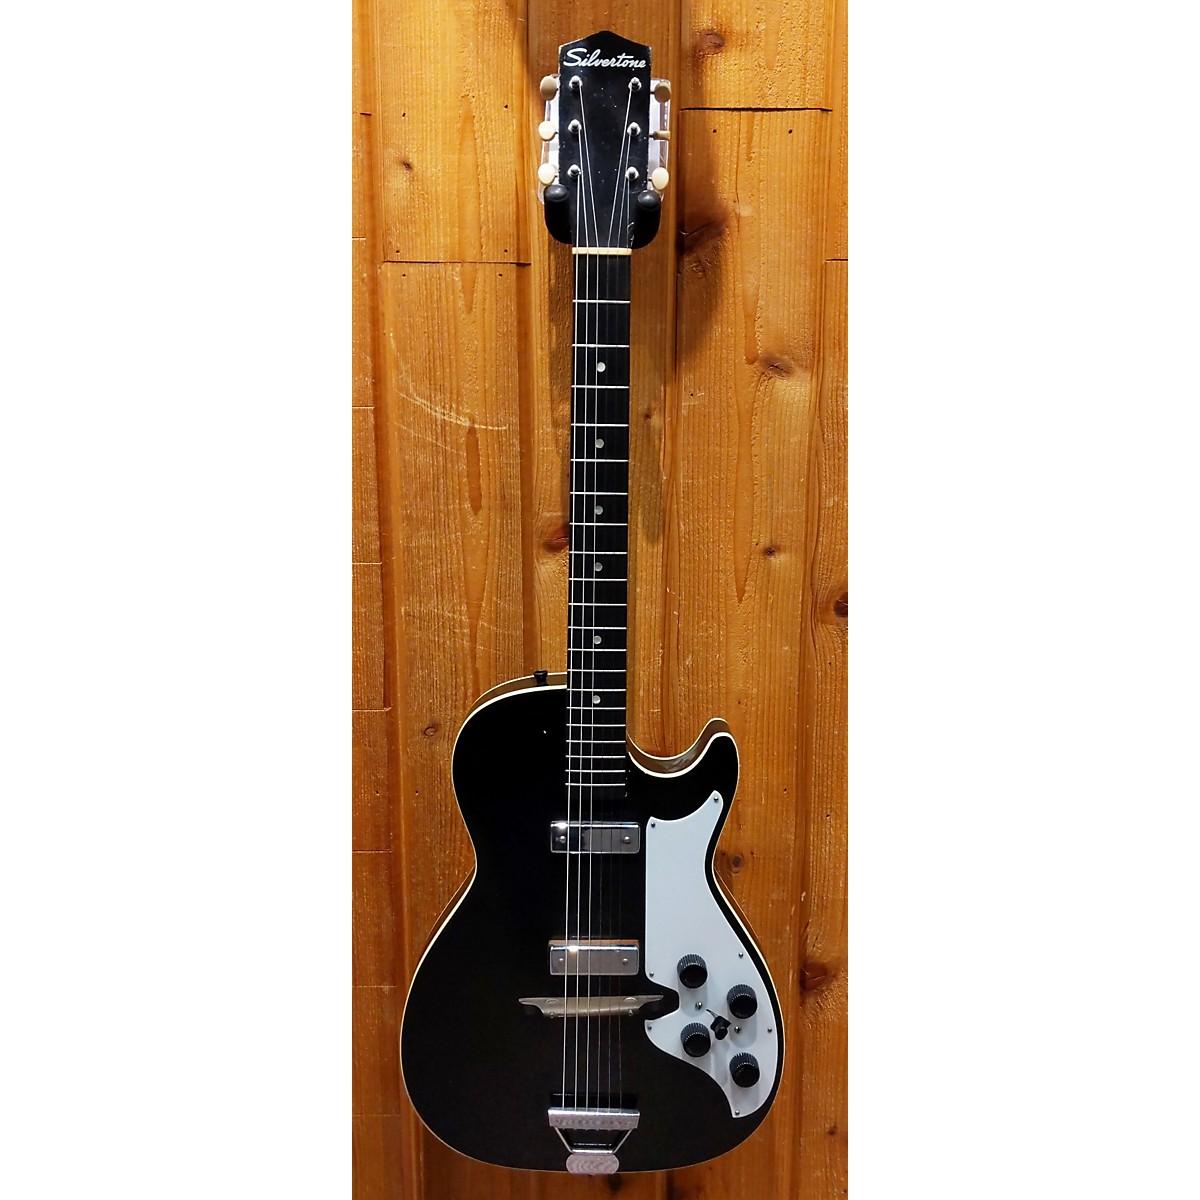 Silvertone 1960s 1420 Stratotone Solid Body Electric Guitar